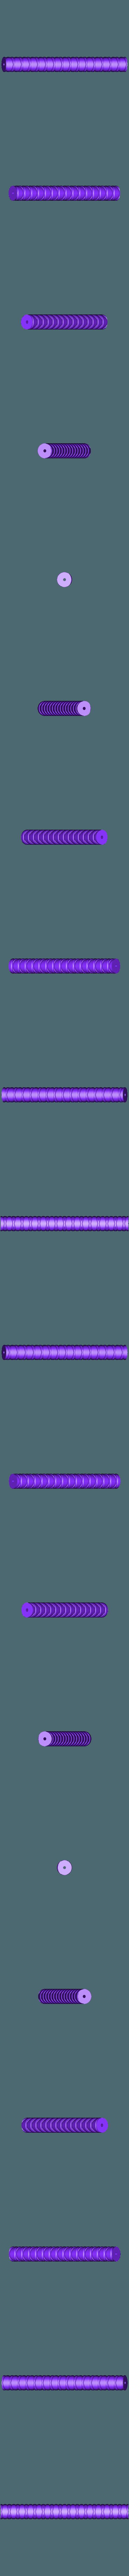 300x300x350 - Red - Grip V2.stl Download STL file Final Fantasy VII - Buster Sword - Bracelet - Shoulder pad  • 3D print model, 3Dutchie